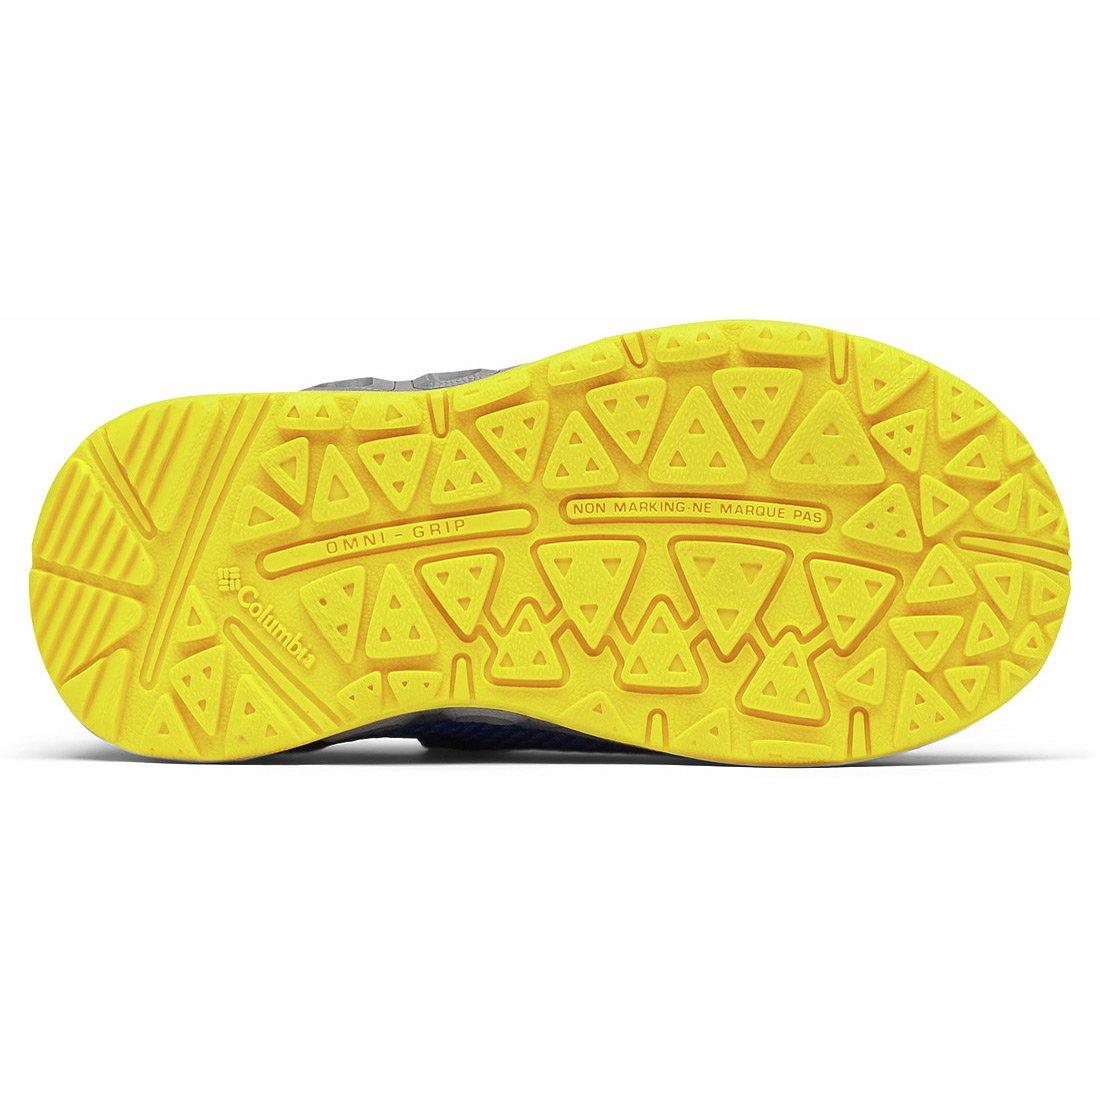 נעליים לילדים - Childrens Moccaswim - Columbia